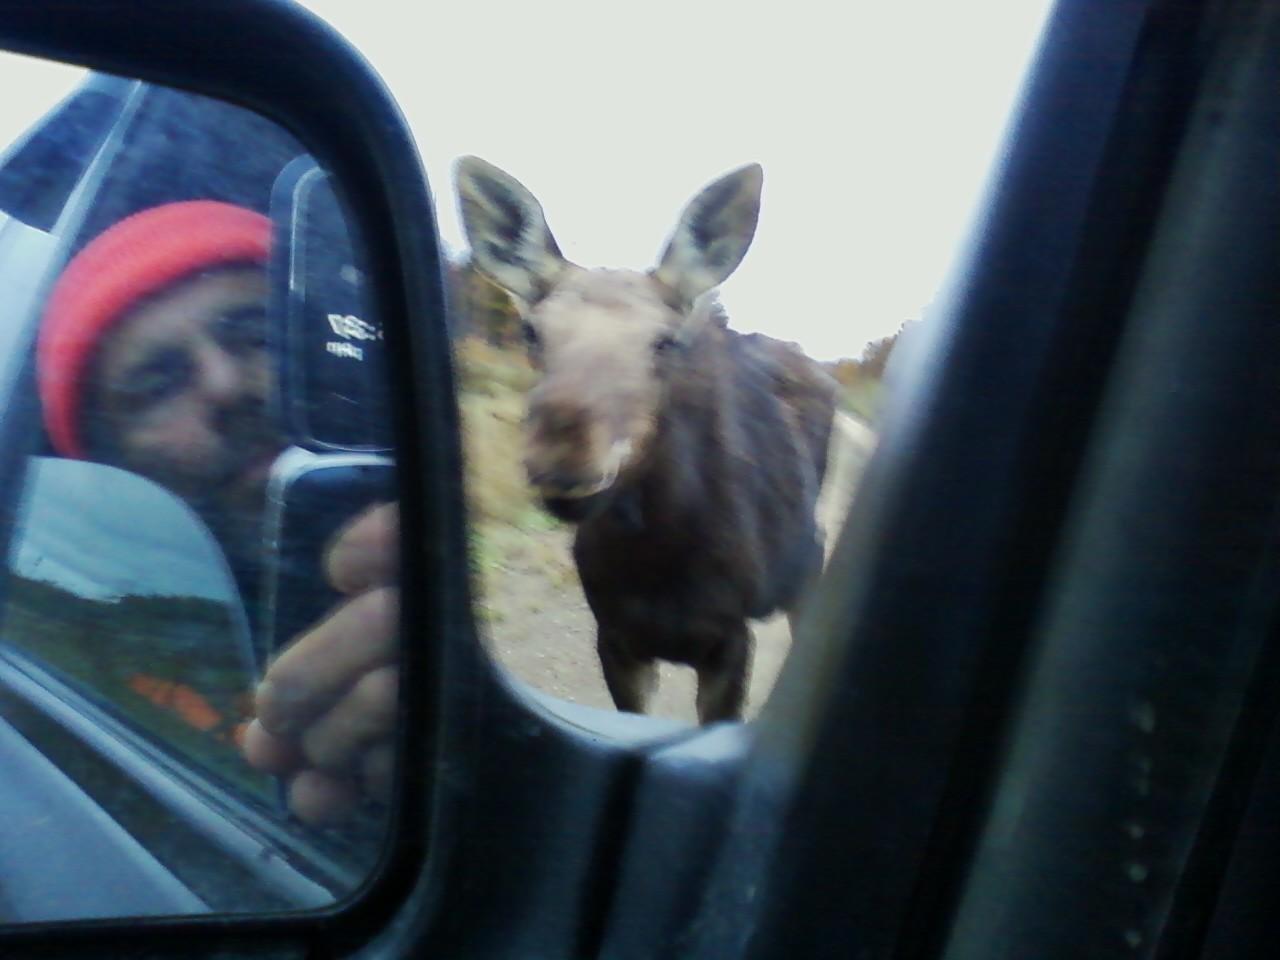 Curious calf moose.